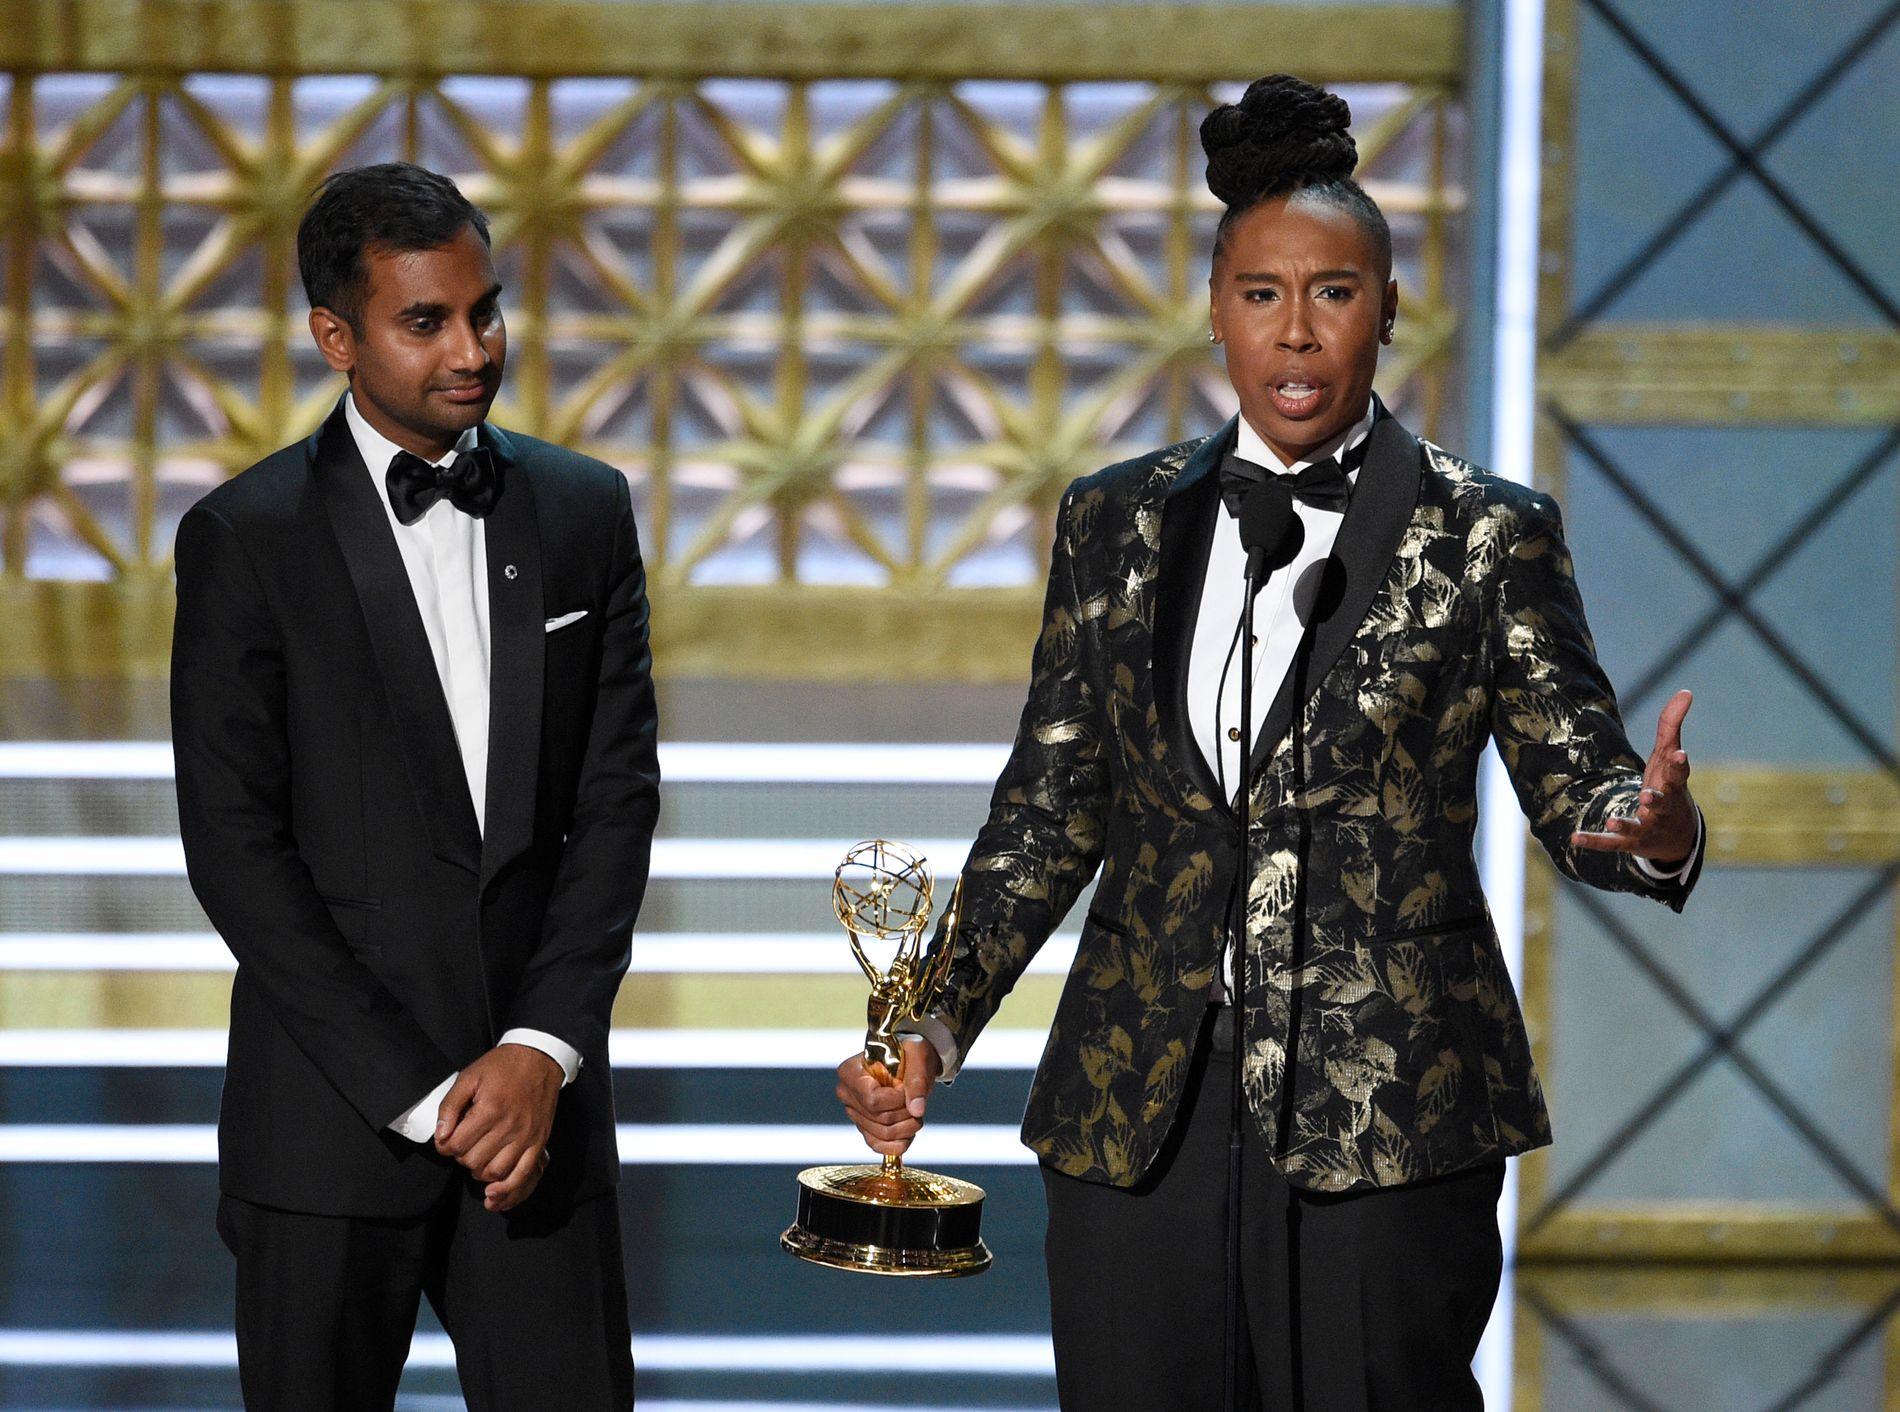 HISTORISK: Lena Waithe er den første afroamerikanske kvinnen som har vunnet pris for beste manus til komiserie.